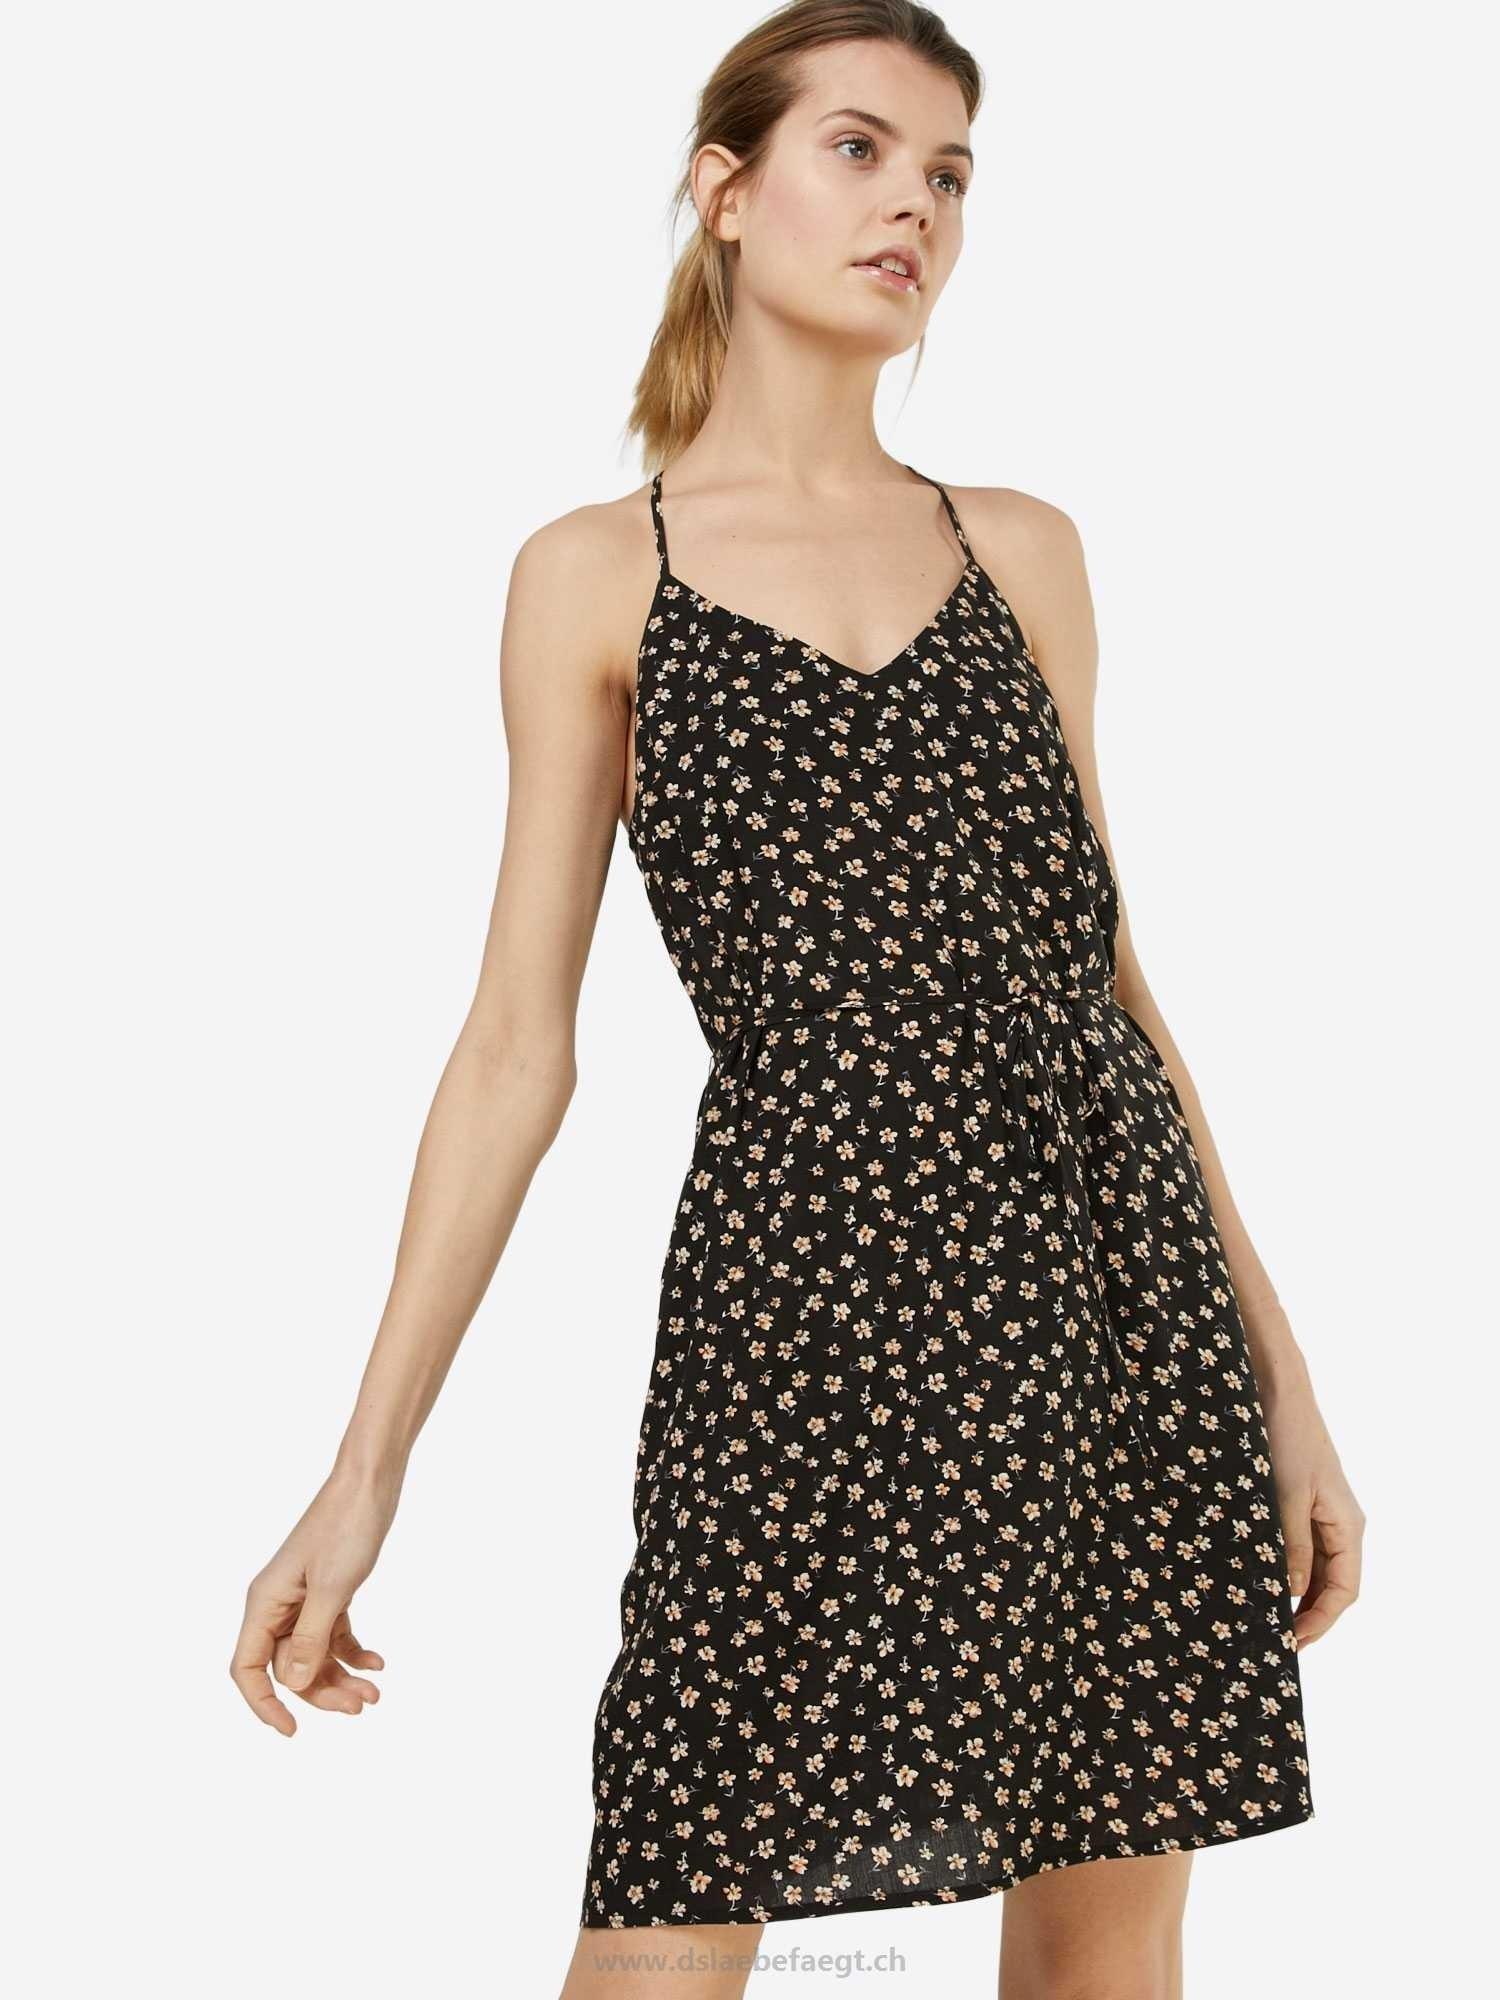 Designer Luxurius Kleider Gr 50 Damen Spezialgebiet13 Erstaunlich Kleider Gr 50 Damen Stylish